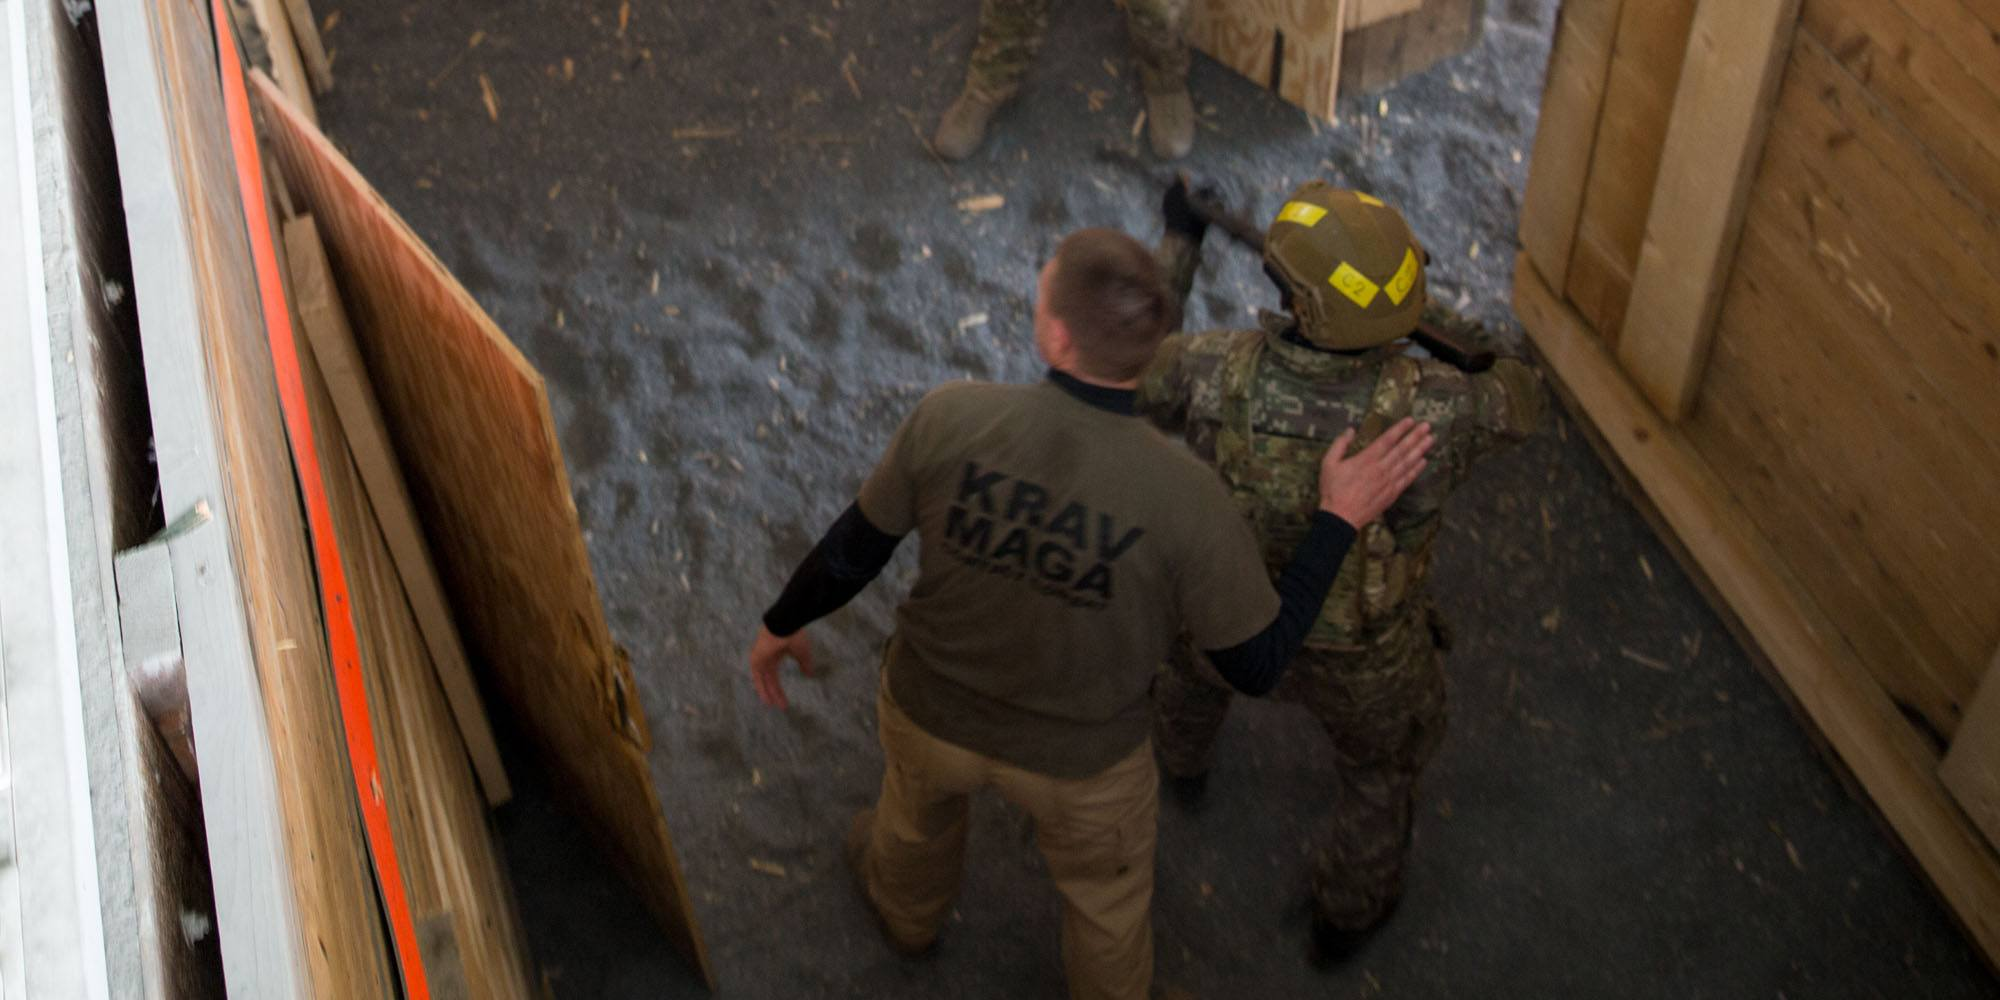 Krav Maga - militärisches Nahkampftraining